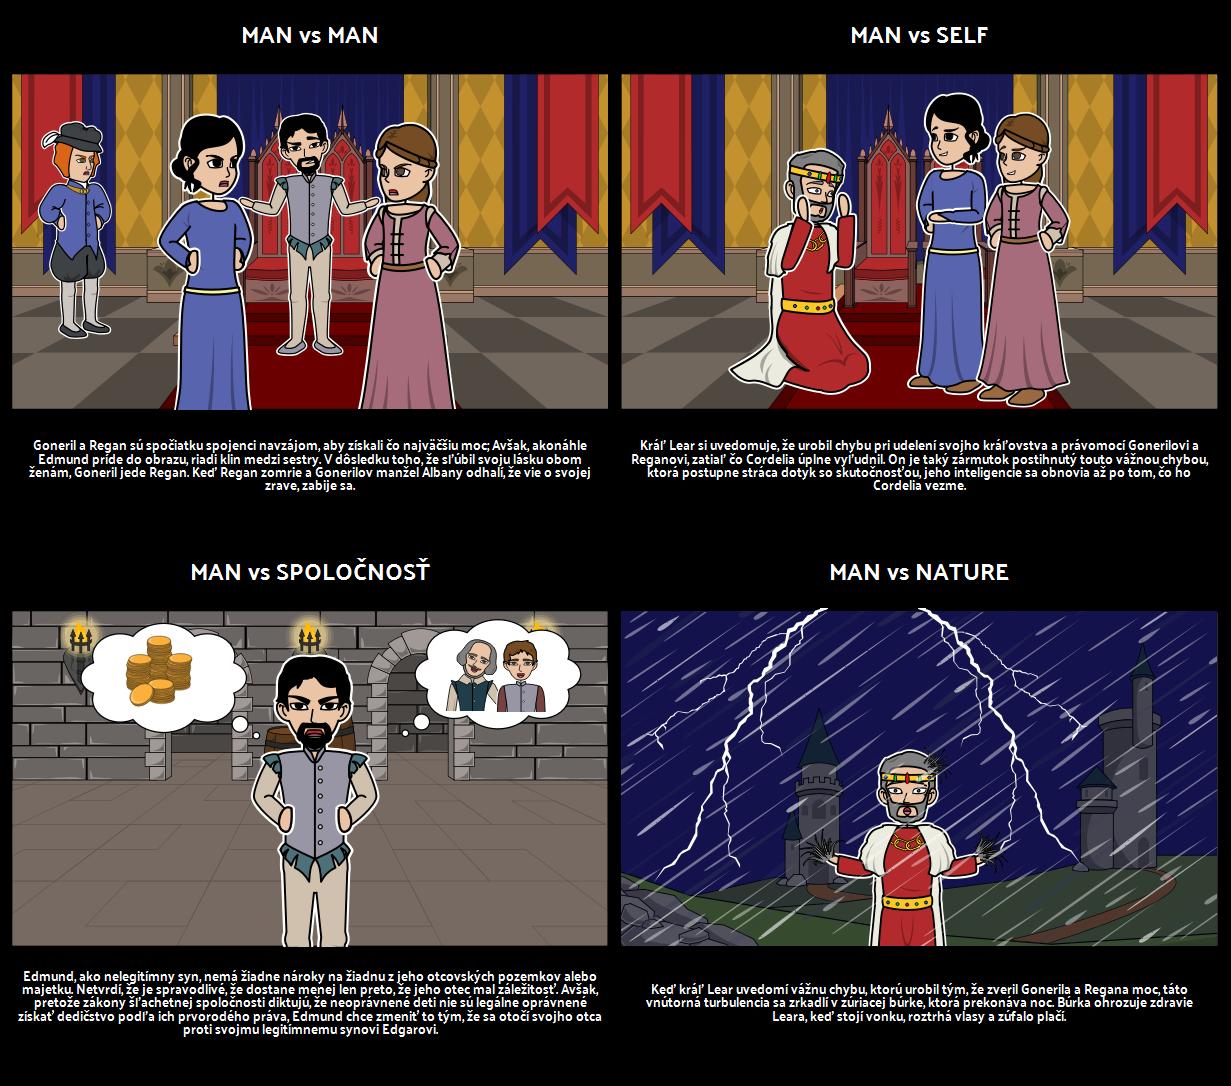 Konflikt v Kráľovi Learovi